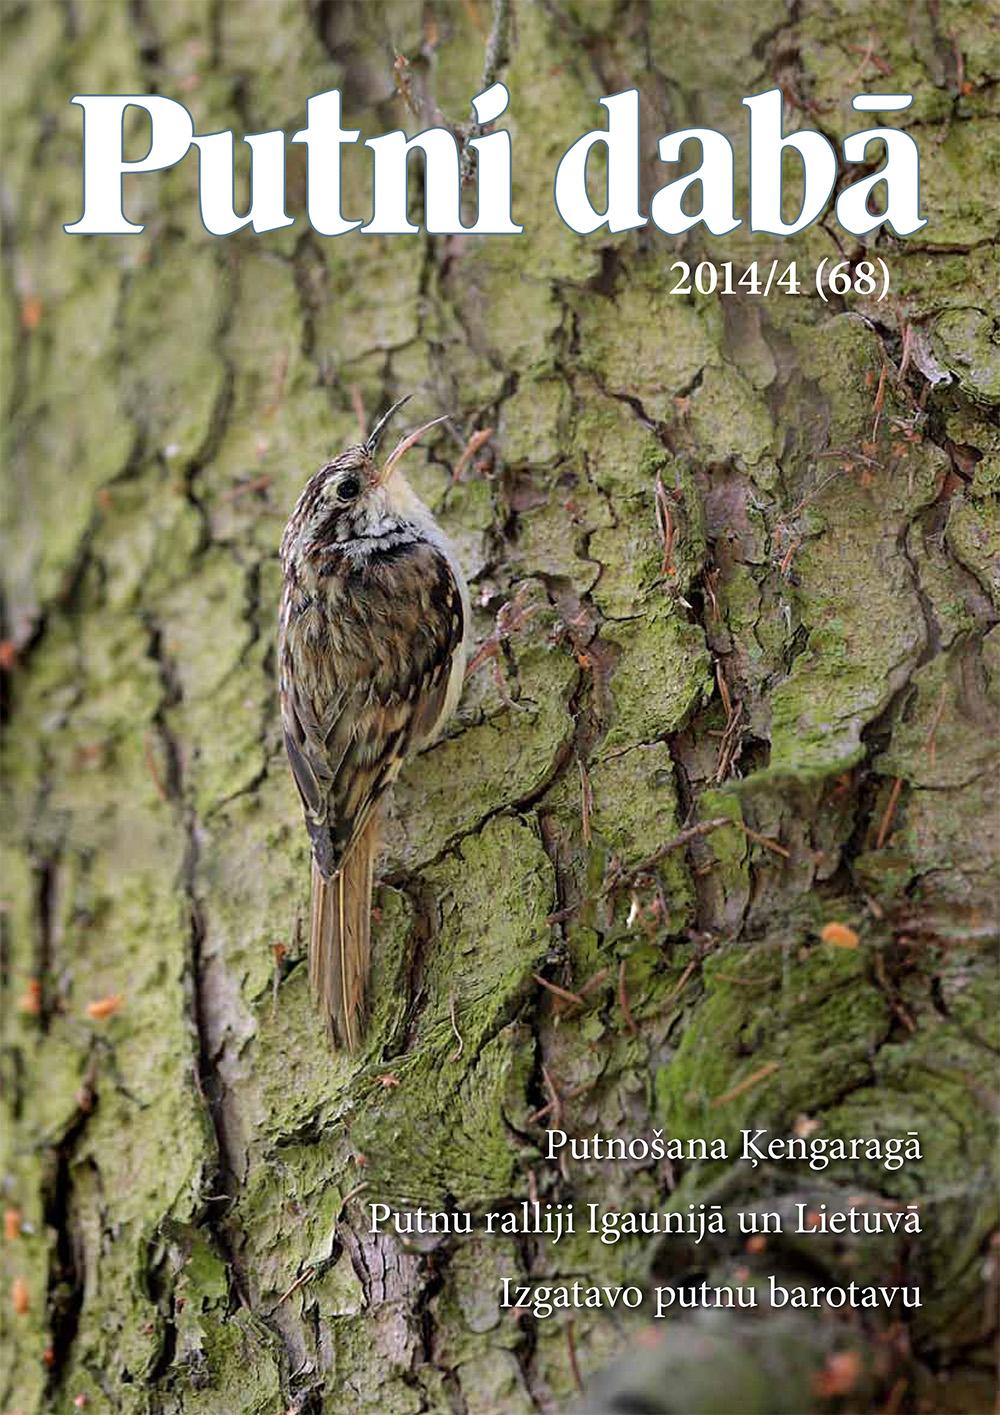 Putni dabā 68 (2014/4)